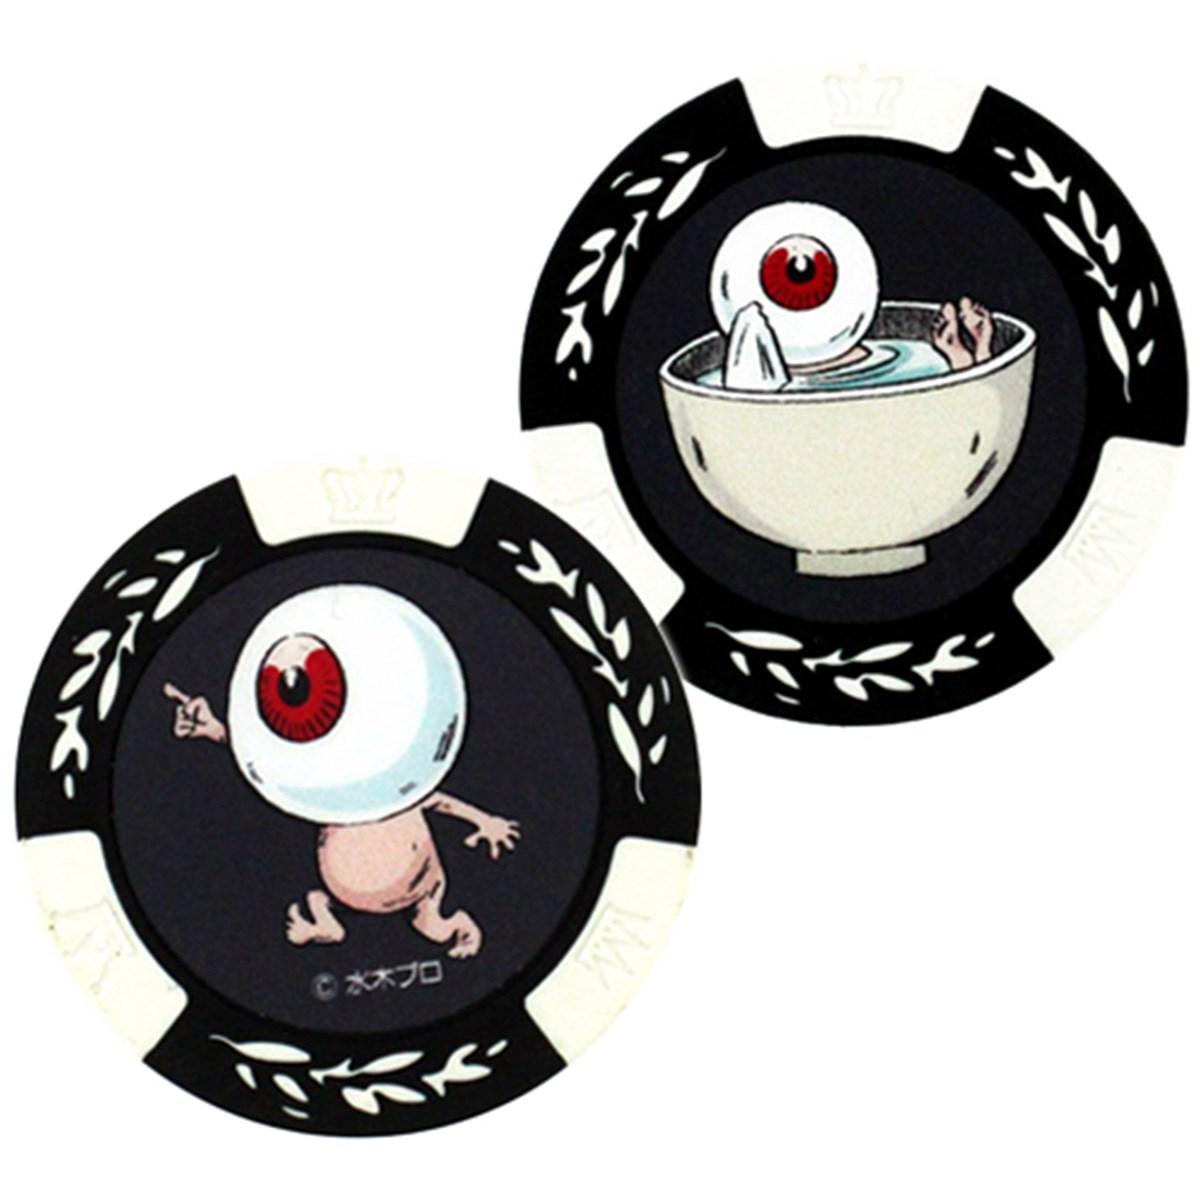 ホクシン交易 ゲゲゲの鬼太郎カジノチップマーカー ホワイト